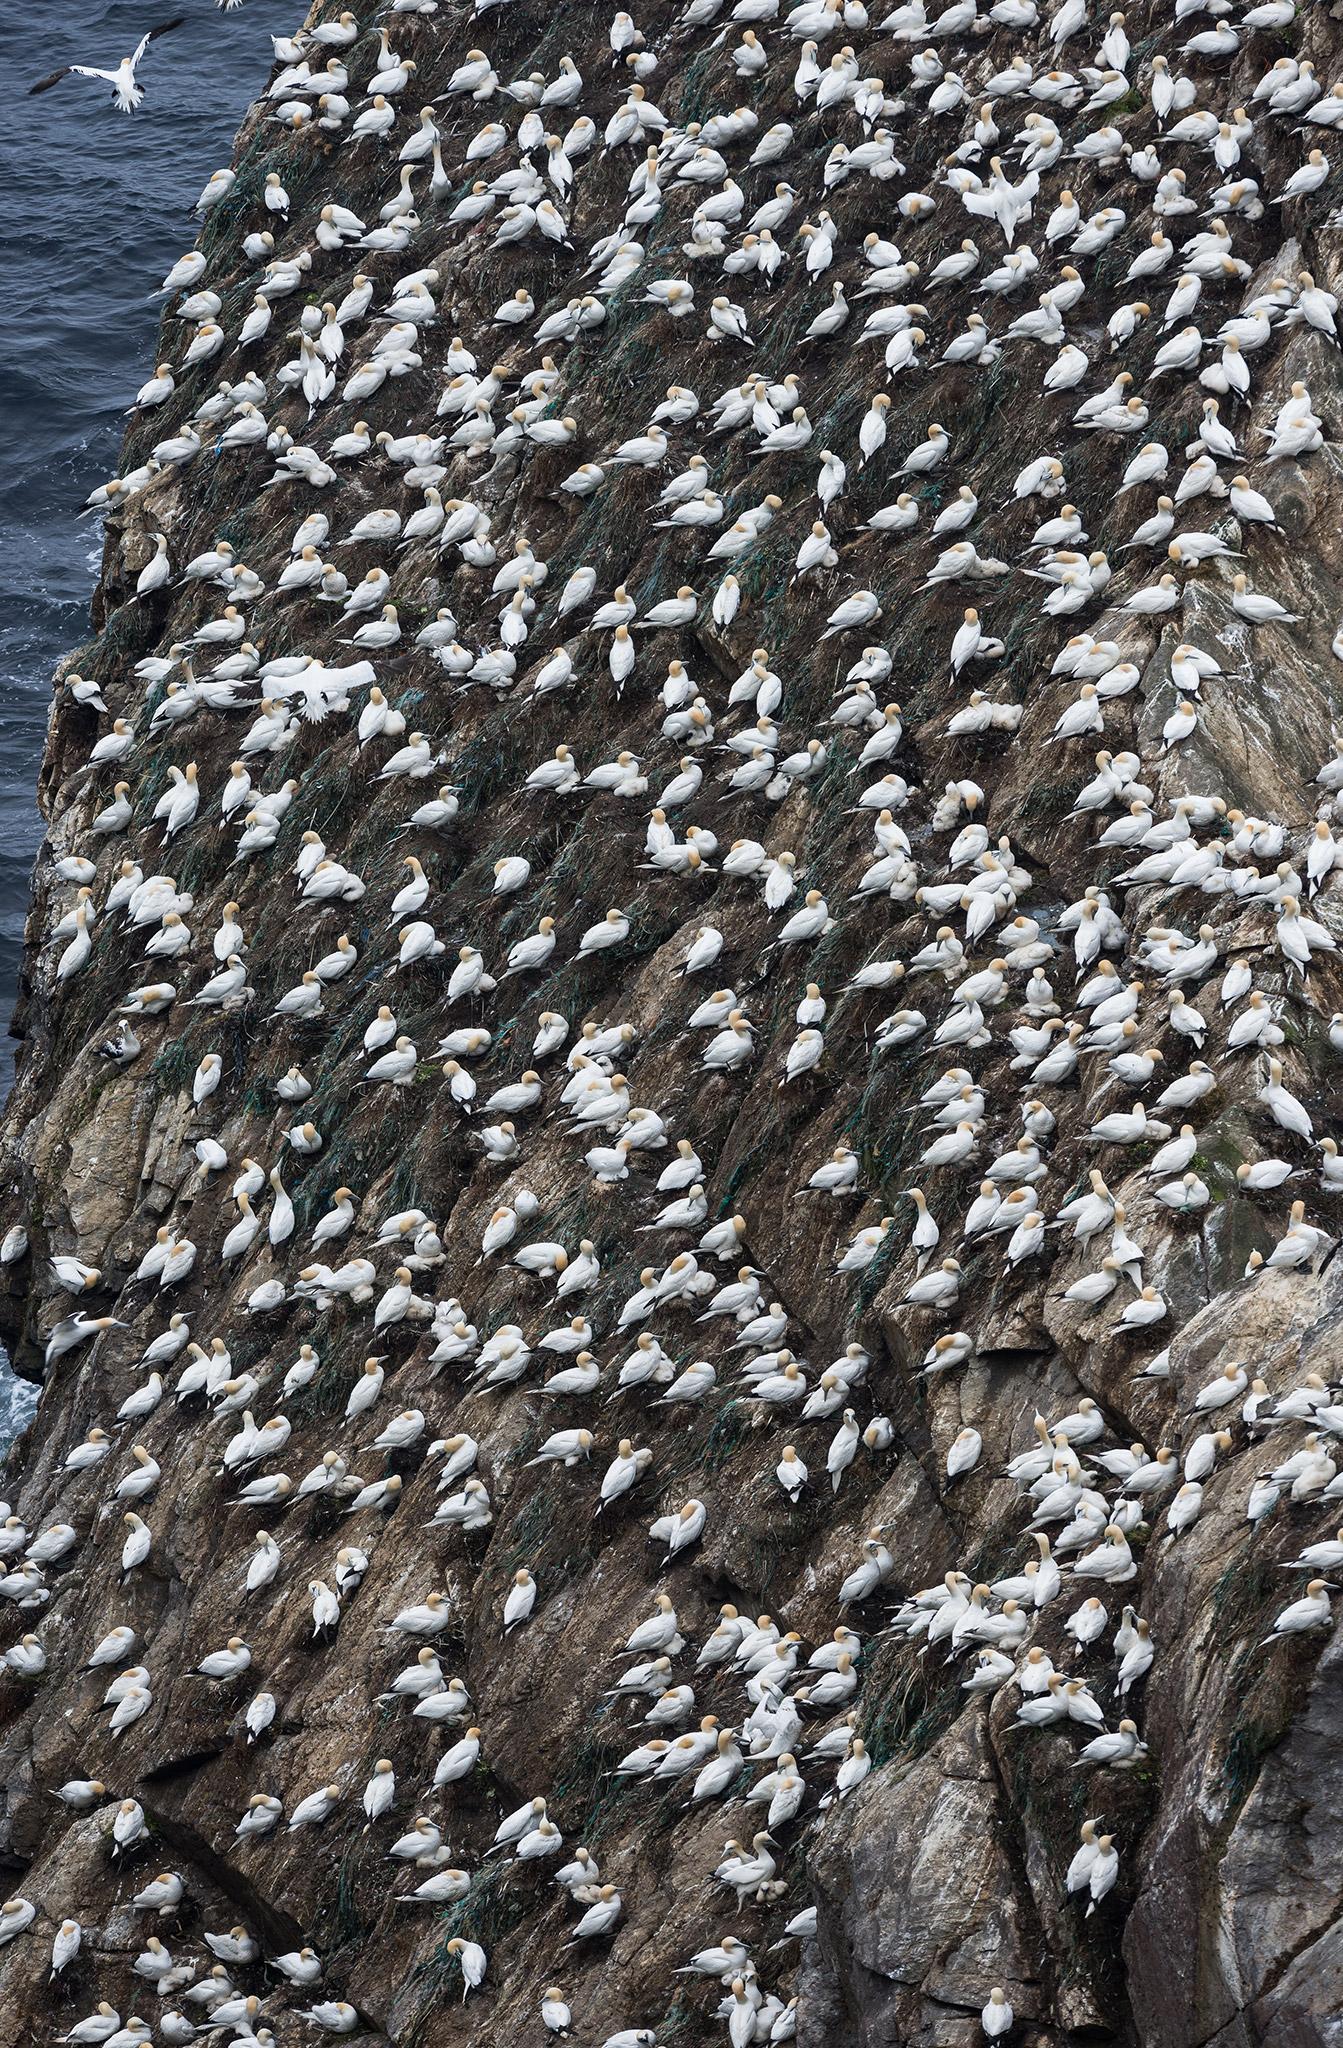 Rocher constellé de milliers de taches blanches : une colonie de fous de Bassan.